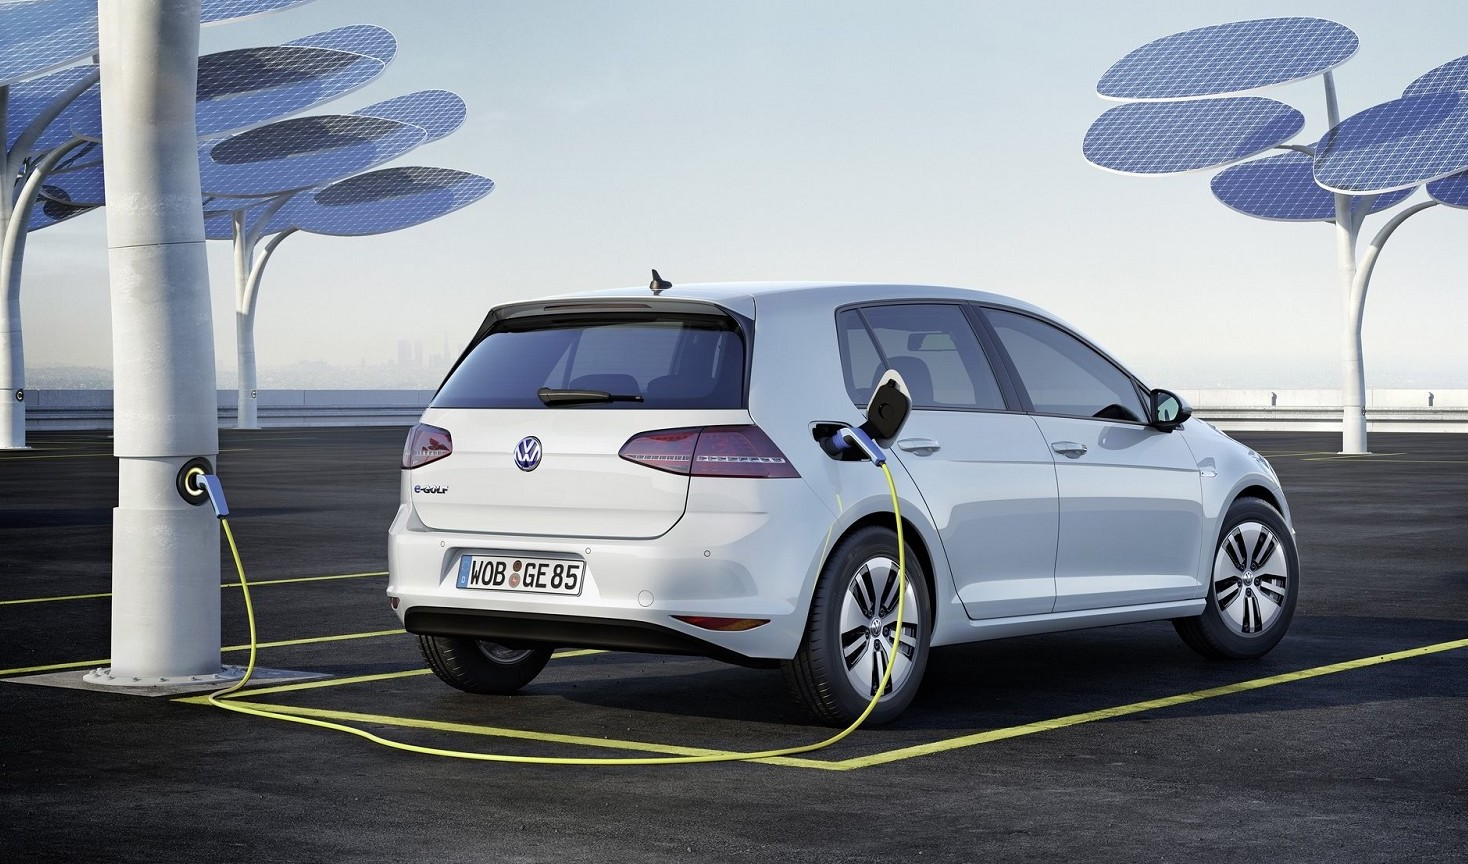 Auto elettrica: il momento del boom in I